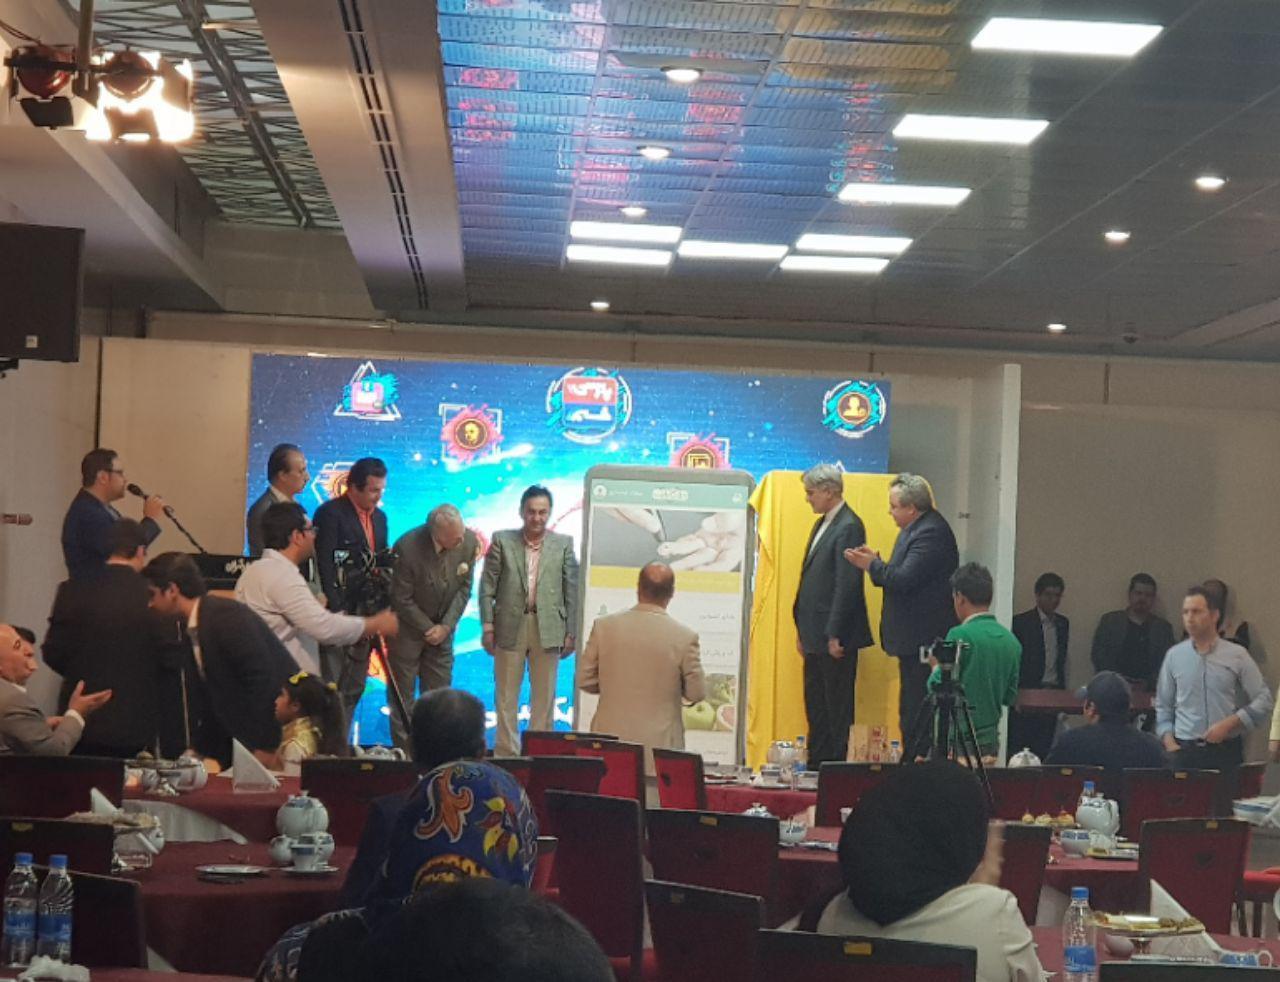 رونمایی از اپلیکیشن خبر پارسی با حضور هنرمندان